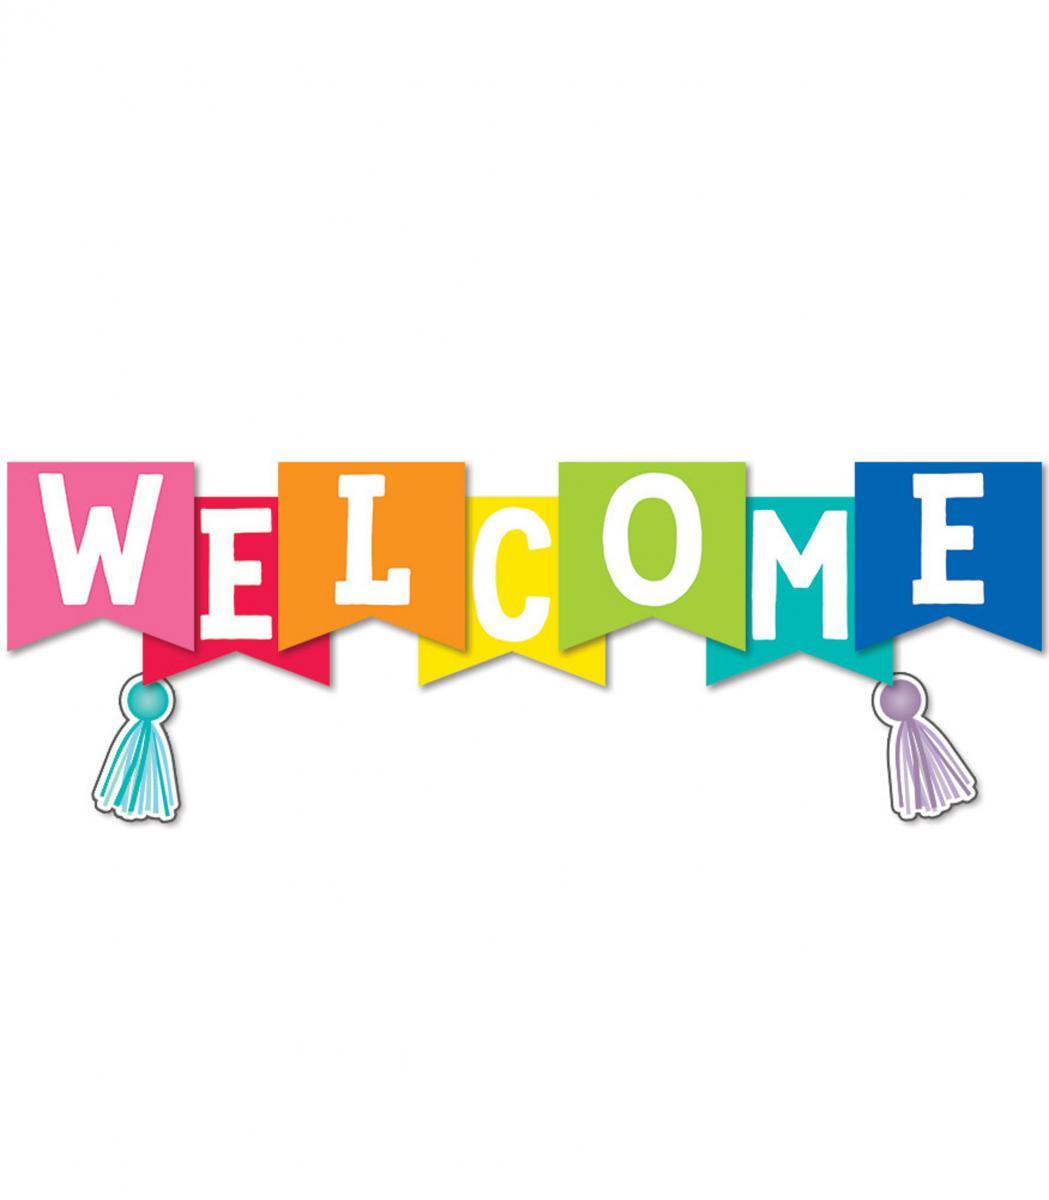 Hello Sunshine Welcome Bulletin Board Set